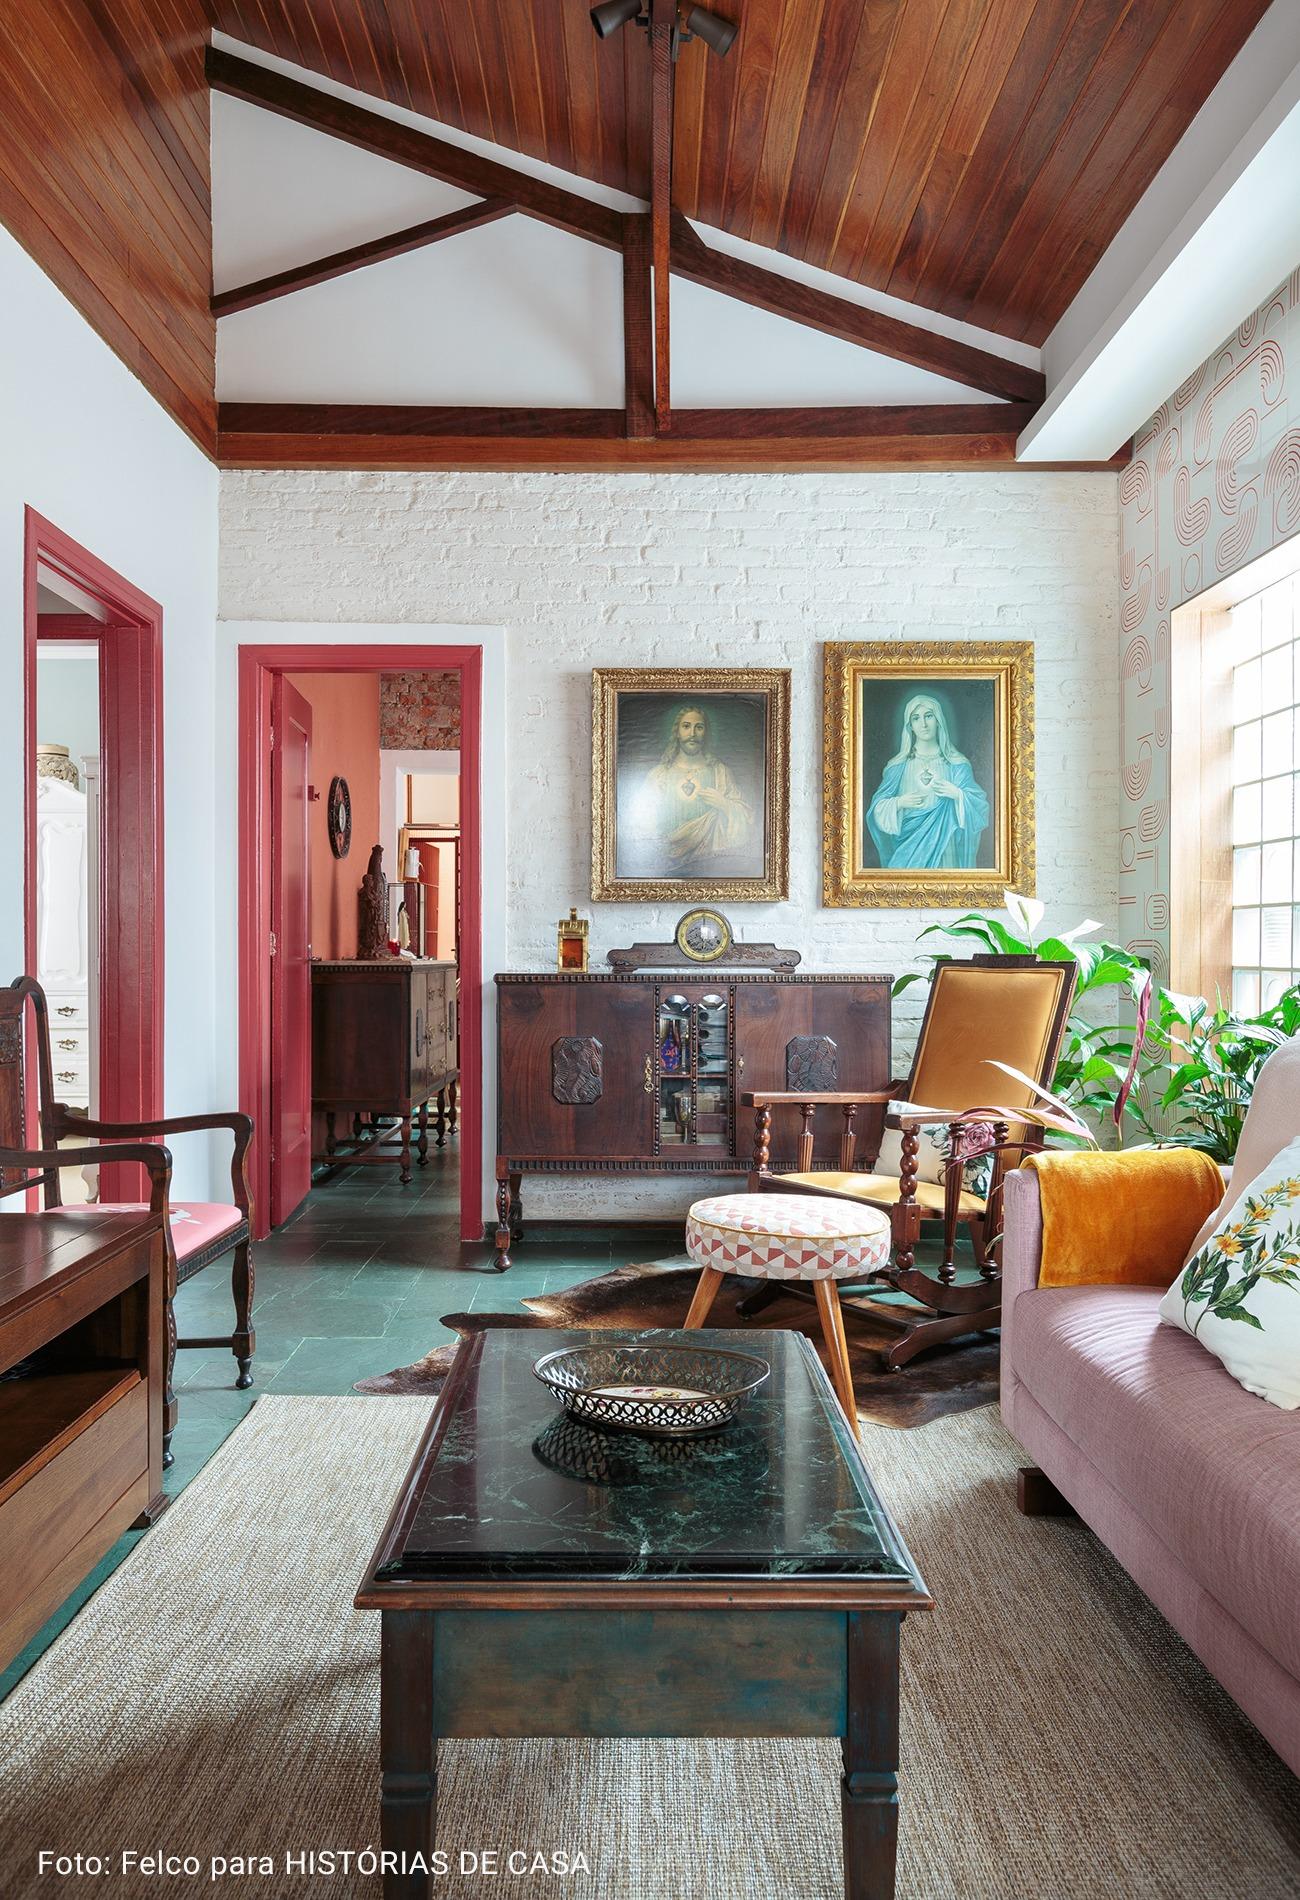 sala com móveis antigos